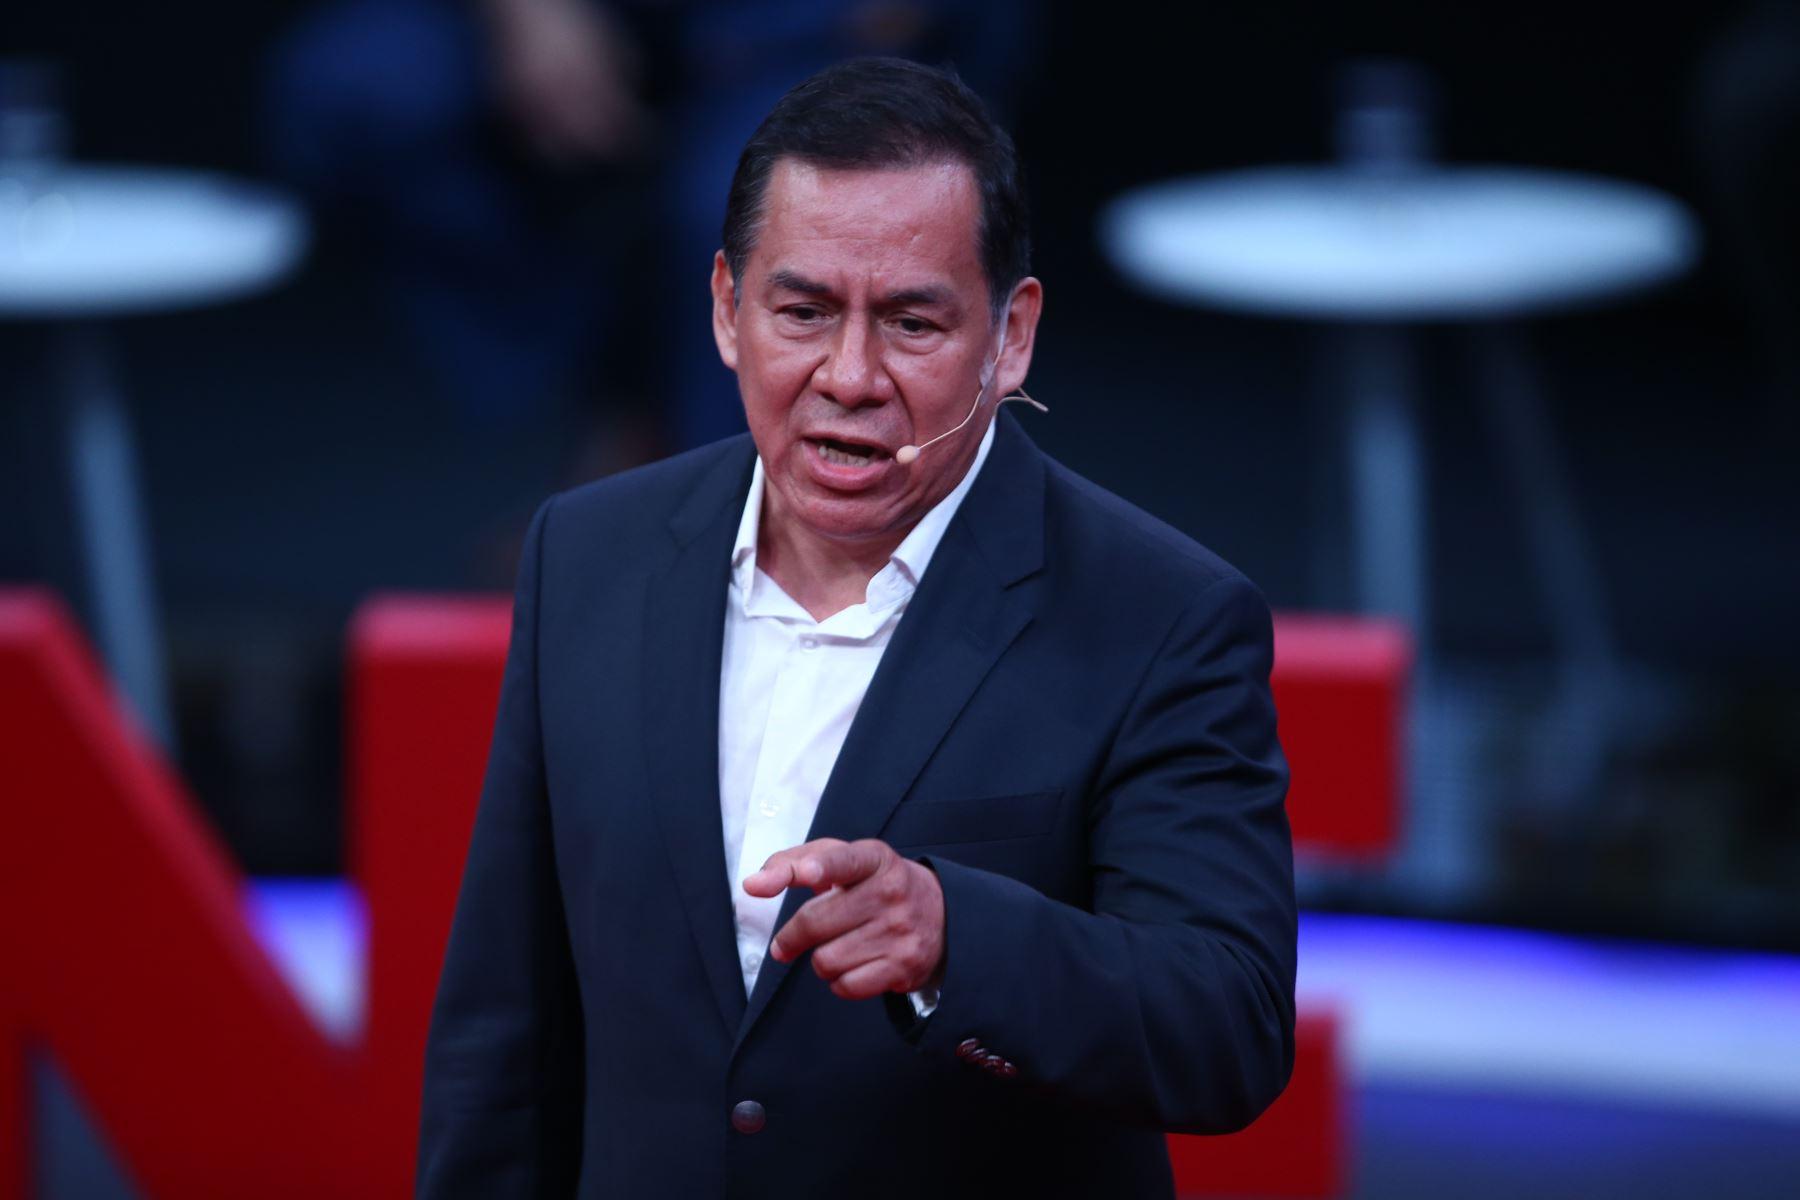 José Vega, candidato al Congreso por Unión por el Perú participa en tercer debate de Lima Metropolitana organizado por JNE. Foto: Foto: ANDINA/Vidal Tarqui